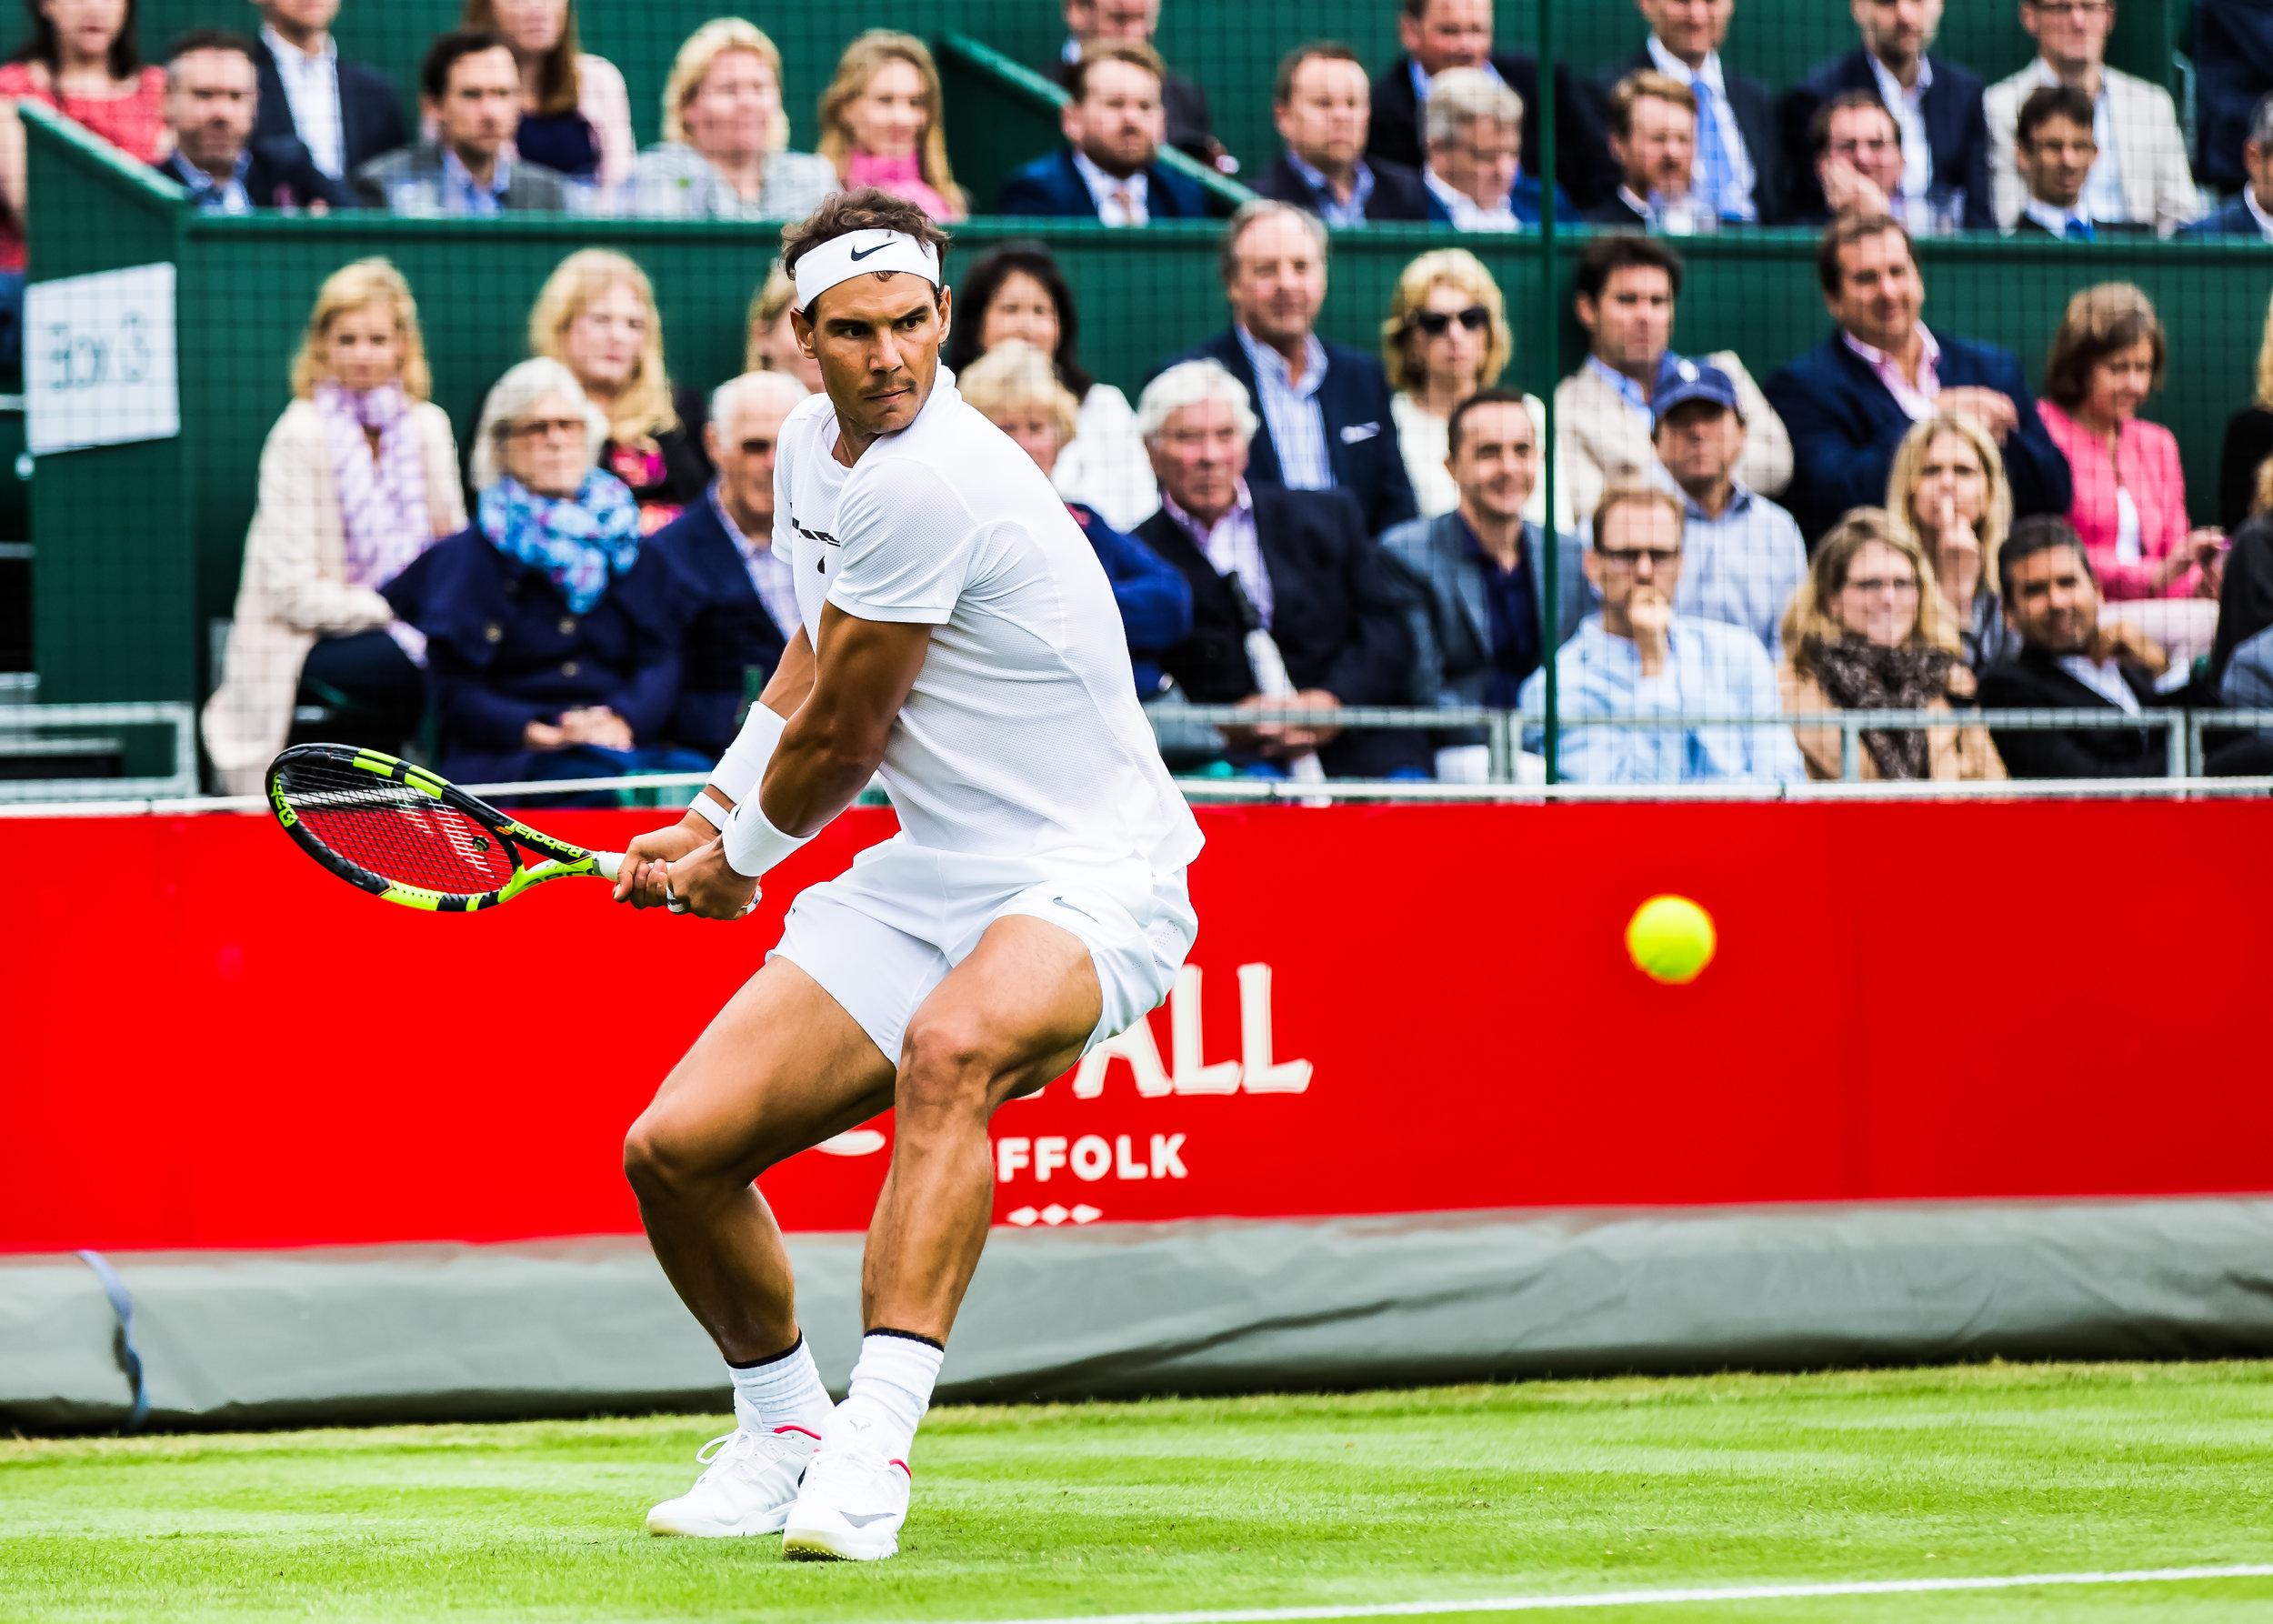 TDM_7996-Edit - Aspall Tennis - 2017 - Hurlingham Club - IMG - Tom D Morgan - HIGH RES.jpg